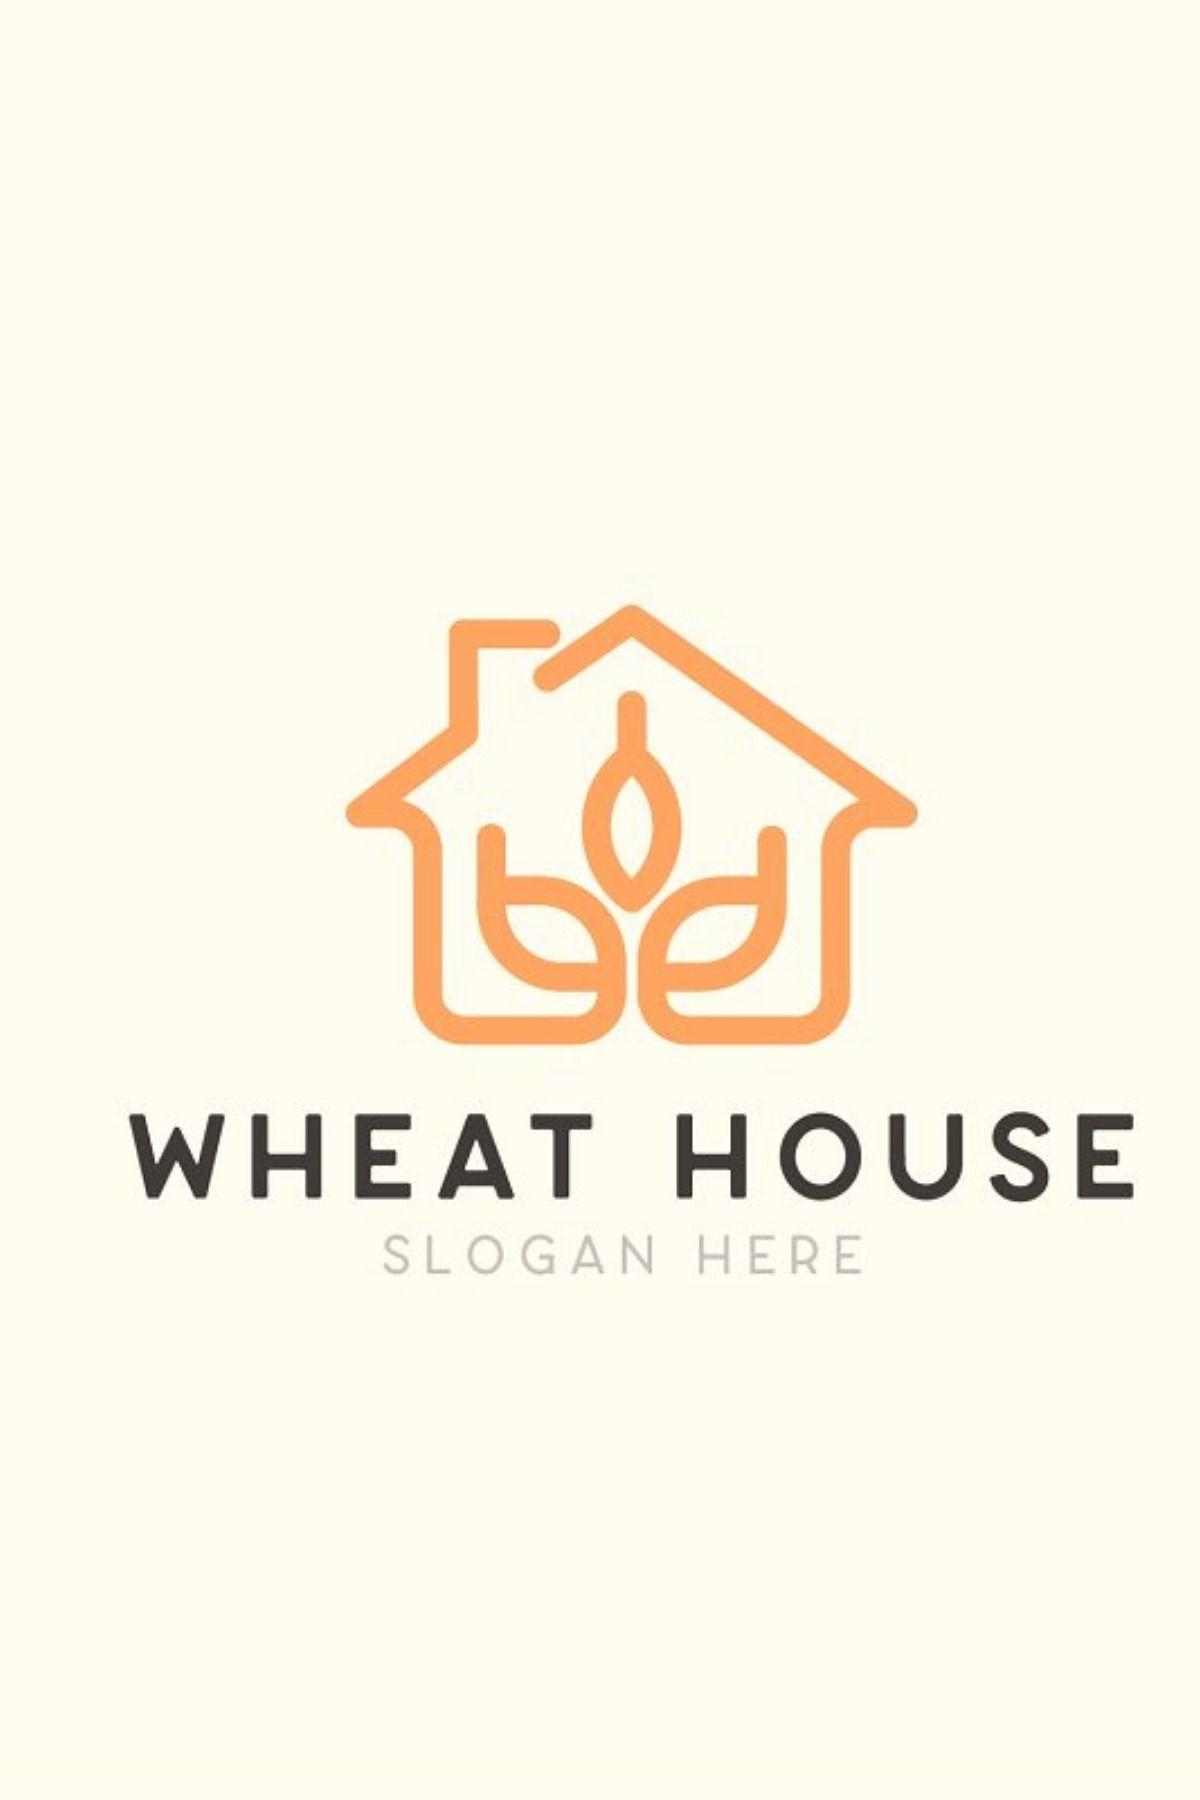 wheat house farming logo template logo templates logos vector logo